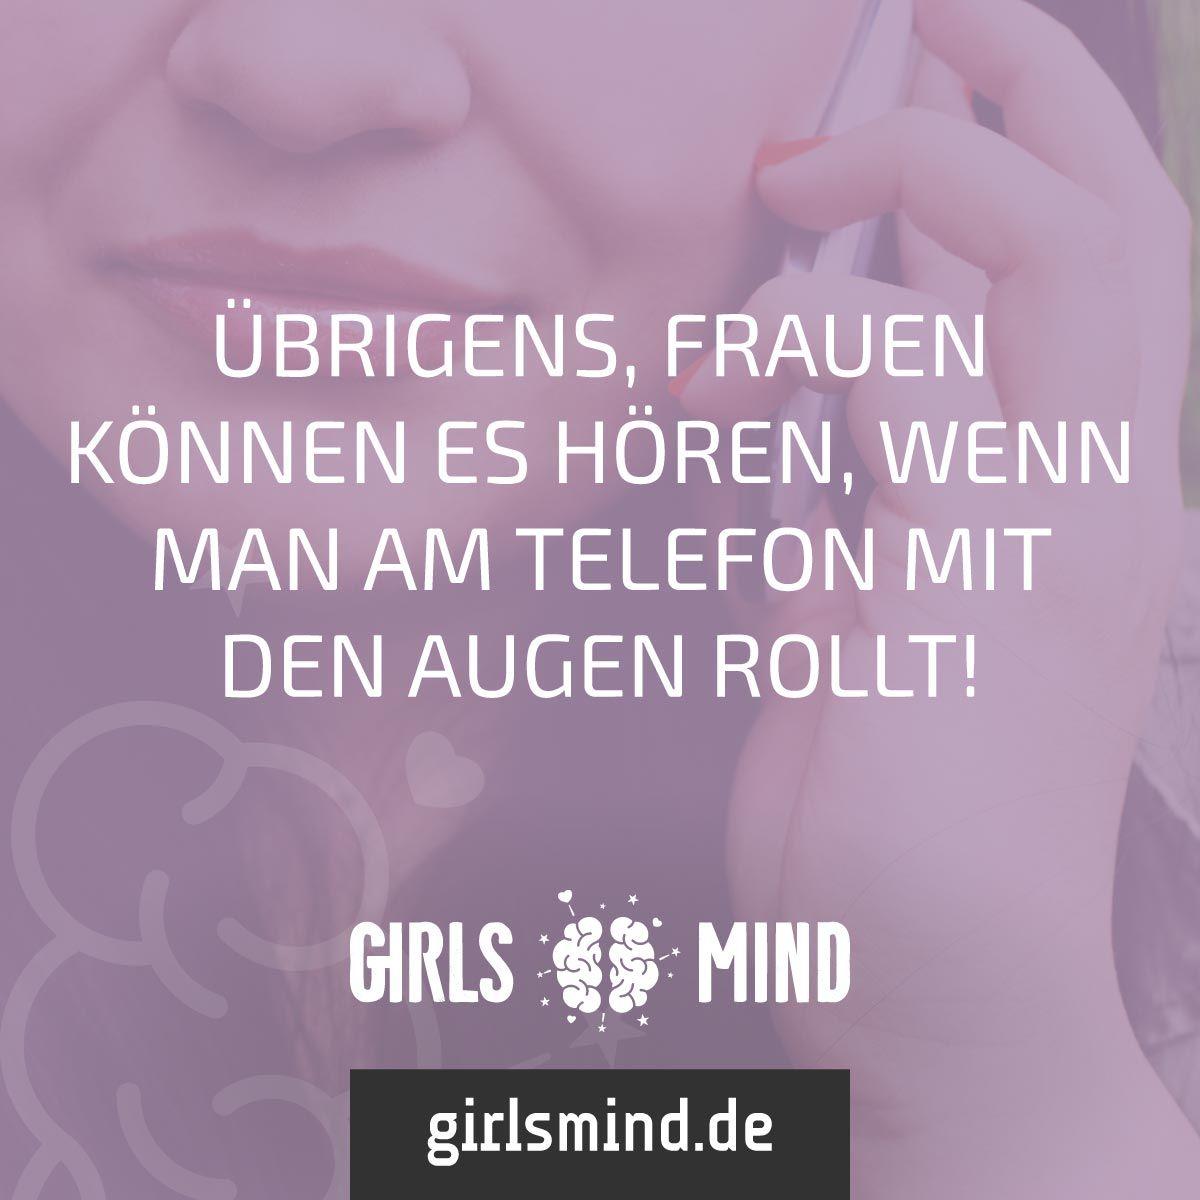 Mehr Sprüche auf: www.girlsmind.de #frau #telefon #genervt ...